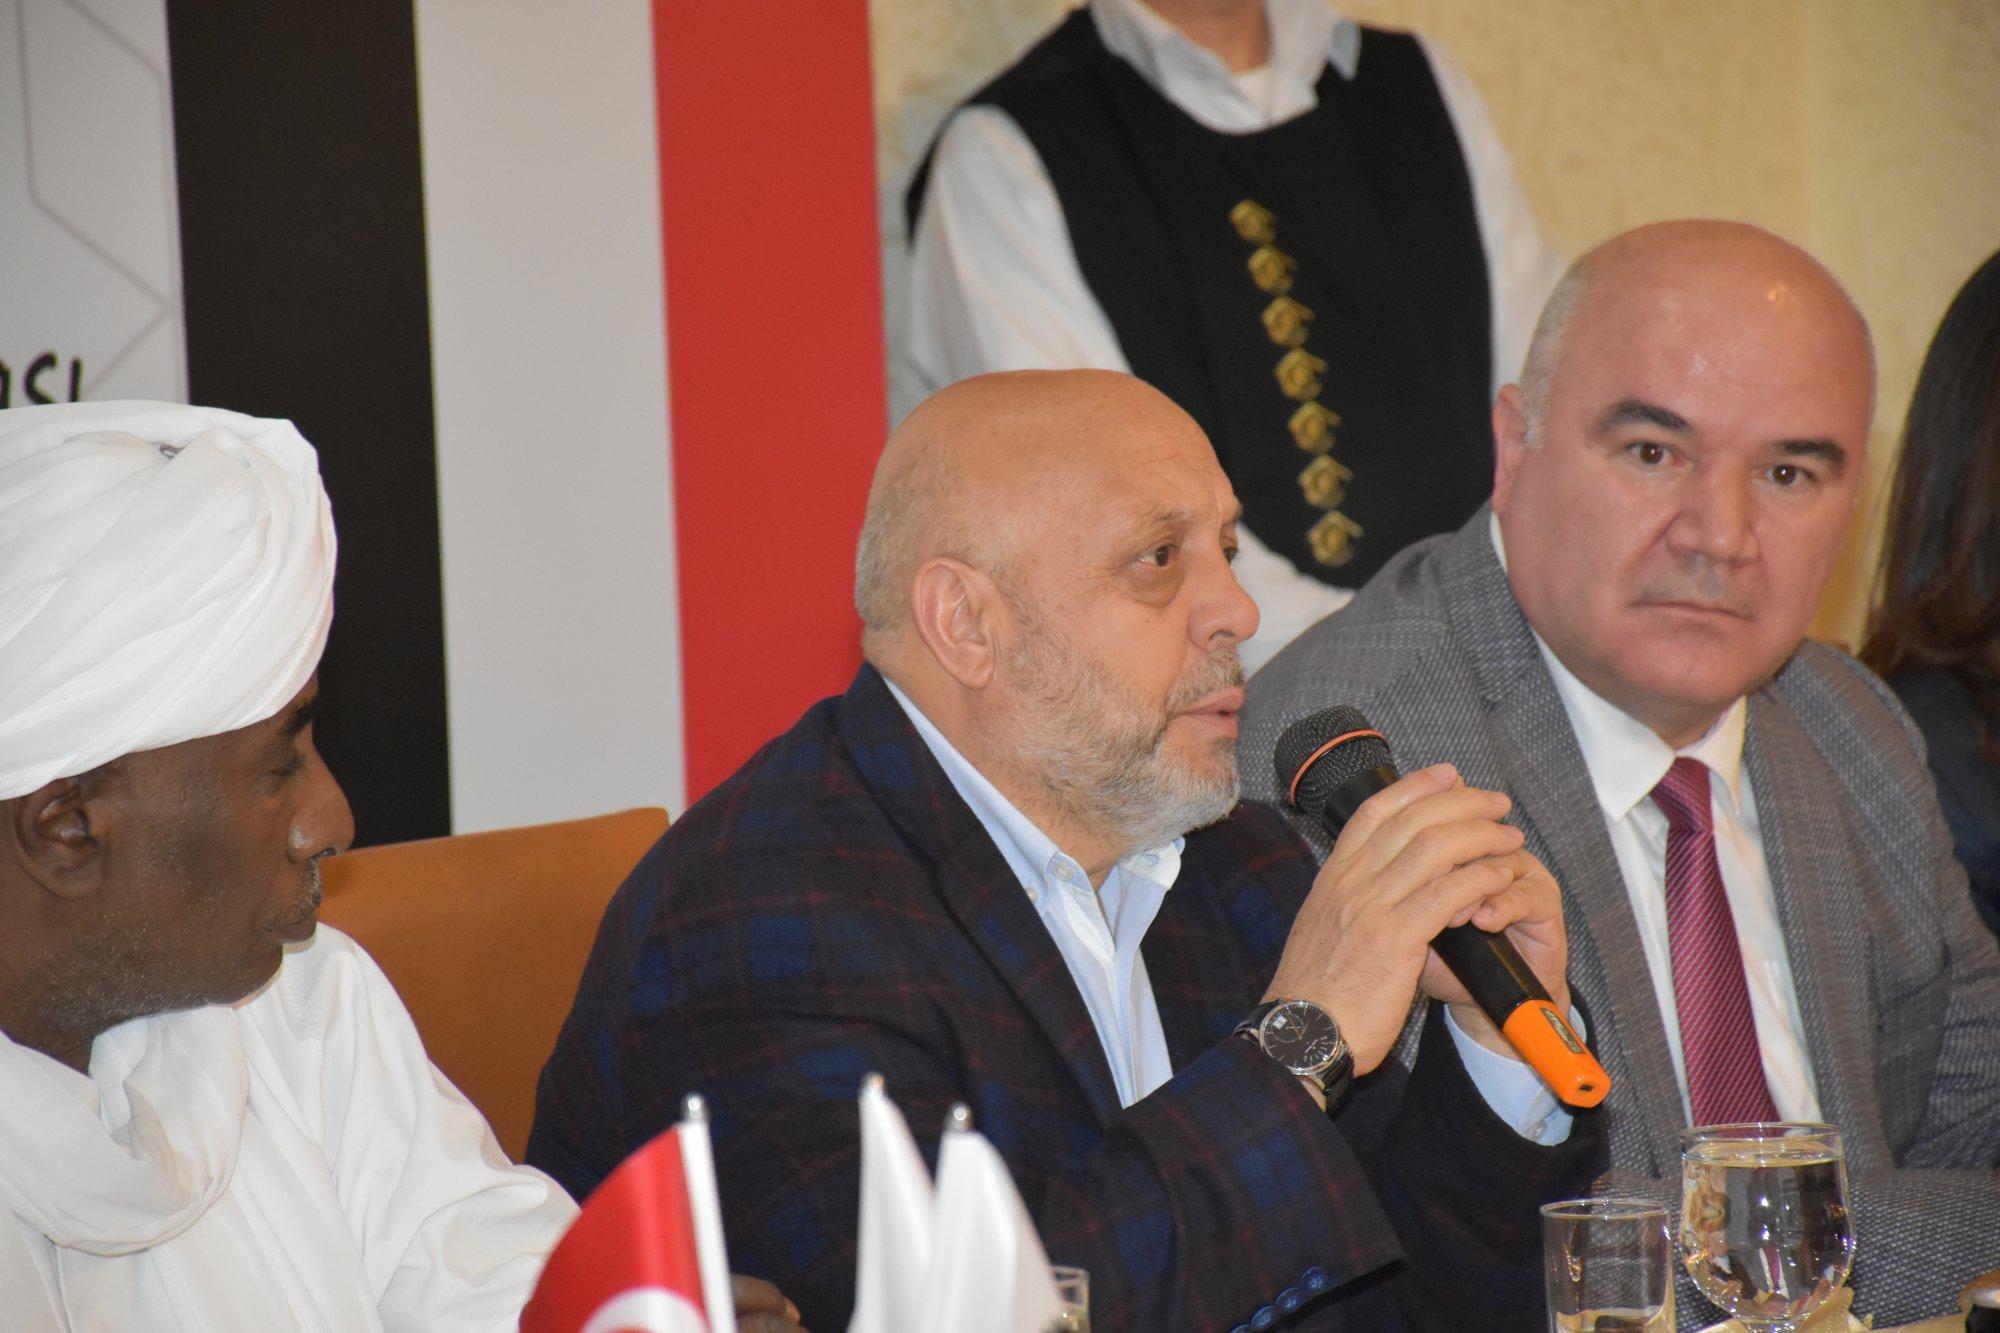 ARSLAN, SUDAN'LI SENDİKACILARLA BİR ARAYA GELDİ